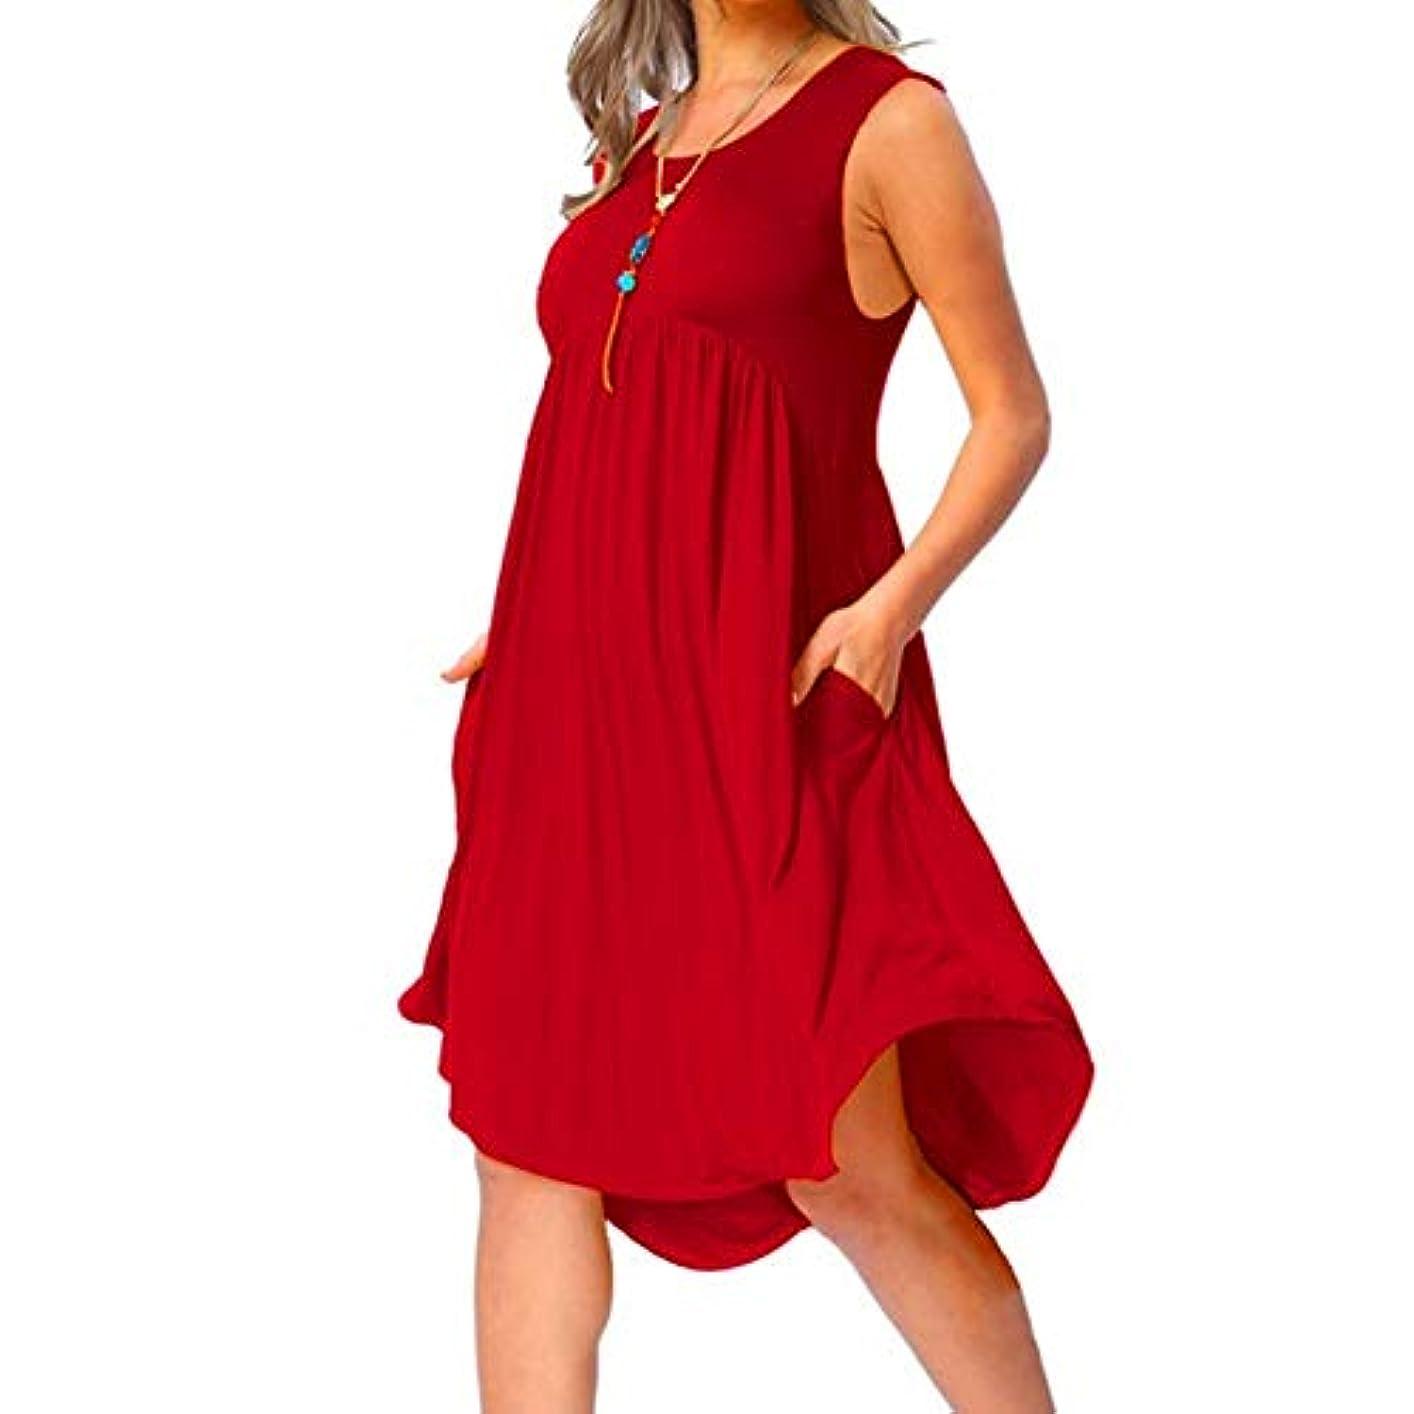 充実指原始的なMIFAN の女性のドレスカジュアルな不規則なドレスルースサマービーチTシャツドレス